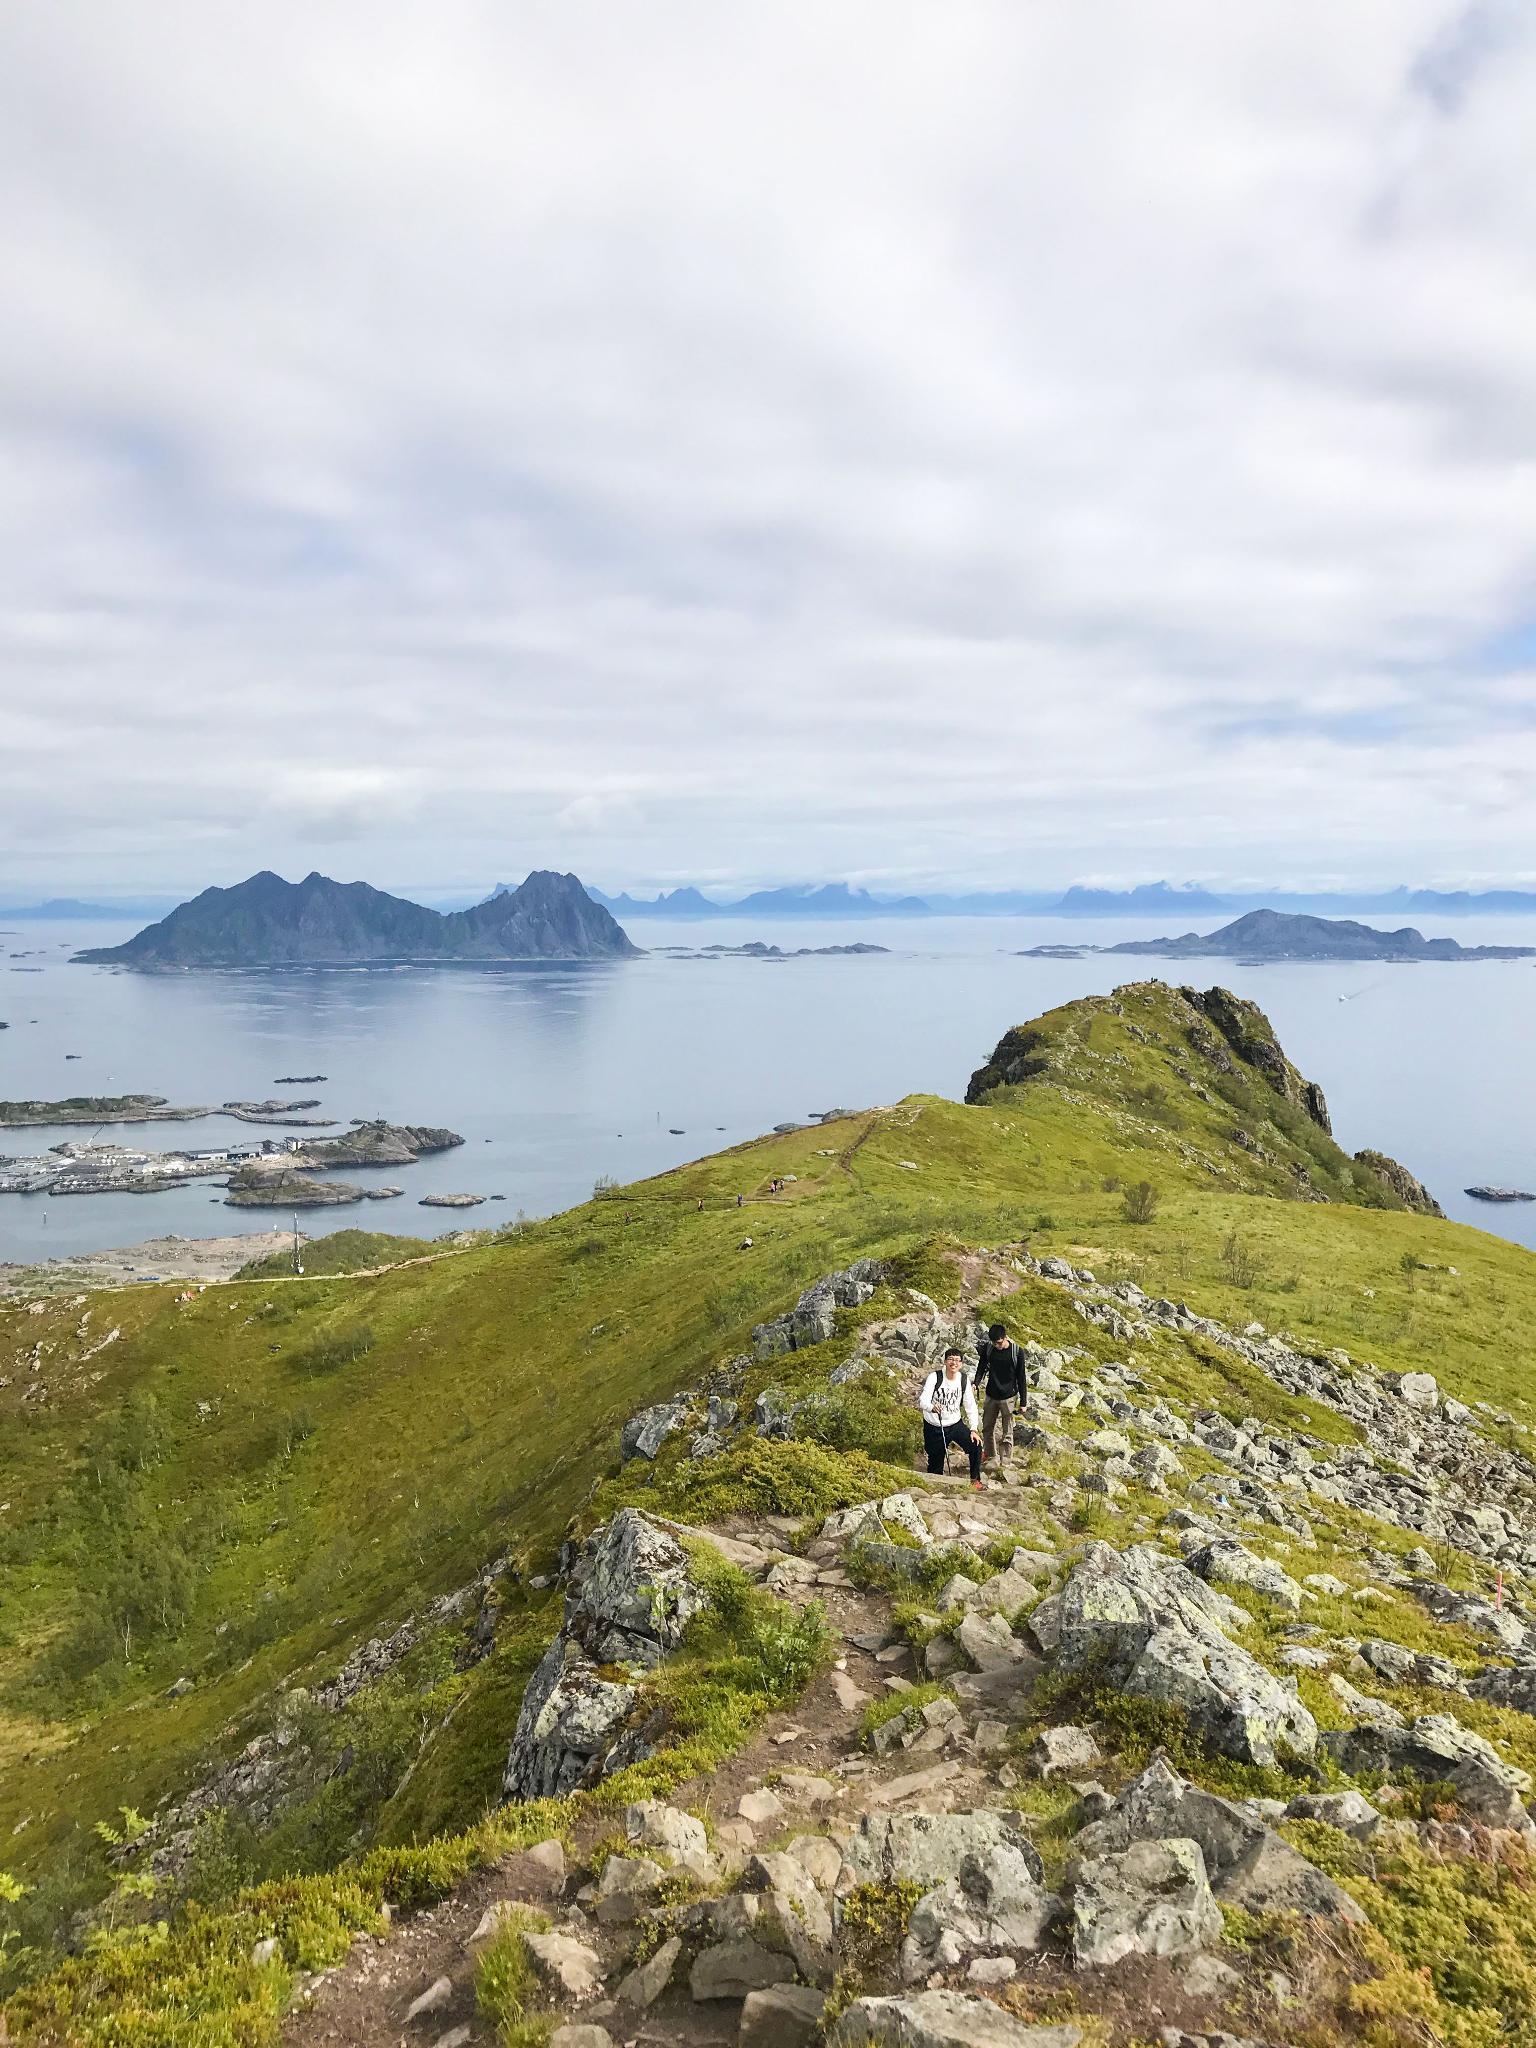 【羅弗敦群島】一次眺望兩個小鎮的人氣健行路線 - Tjeldbergtind Trail 10